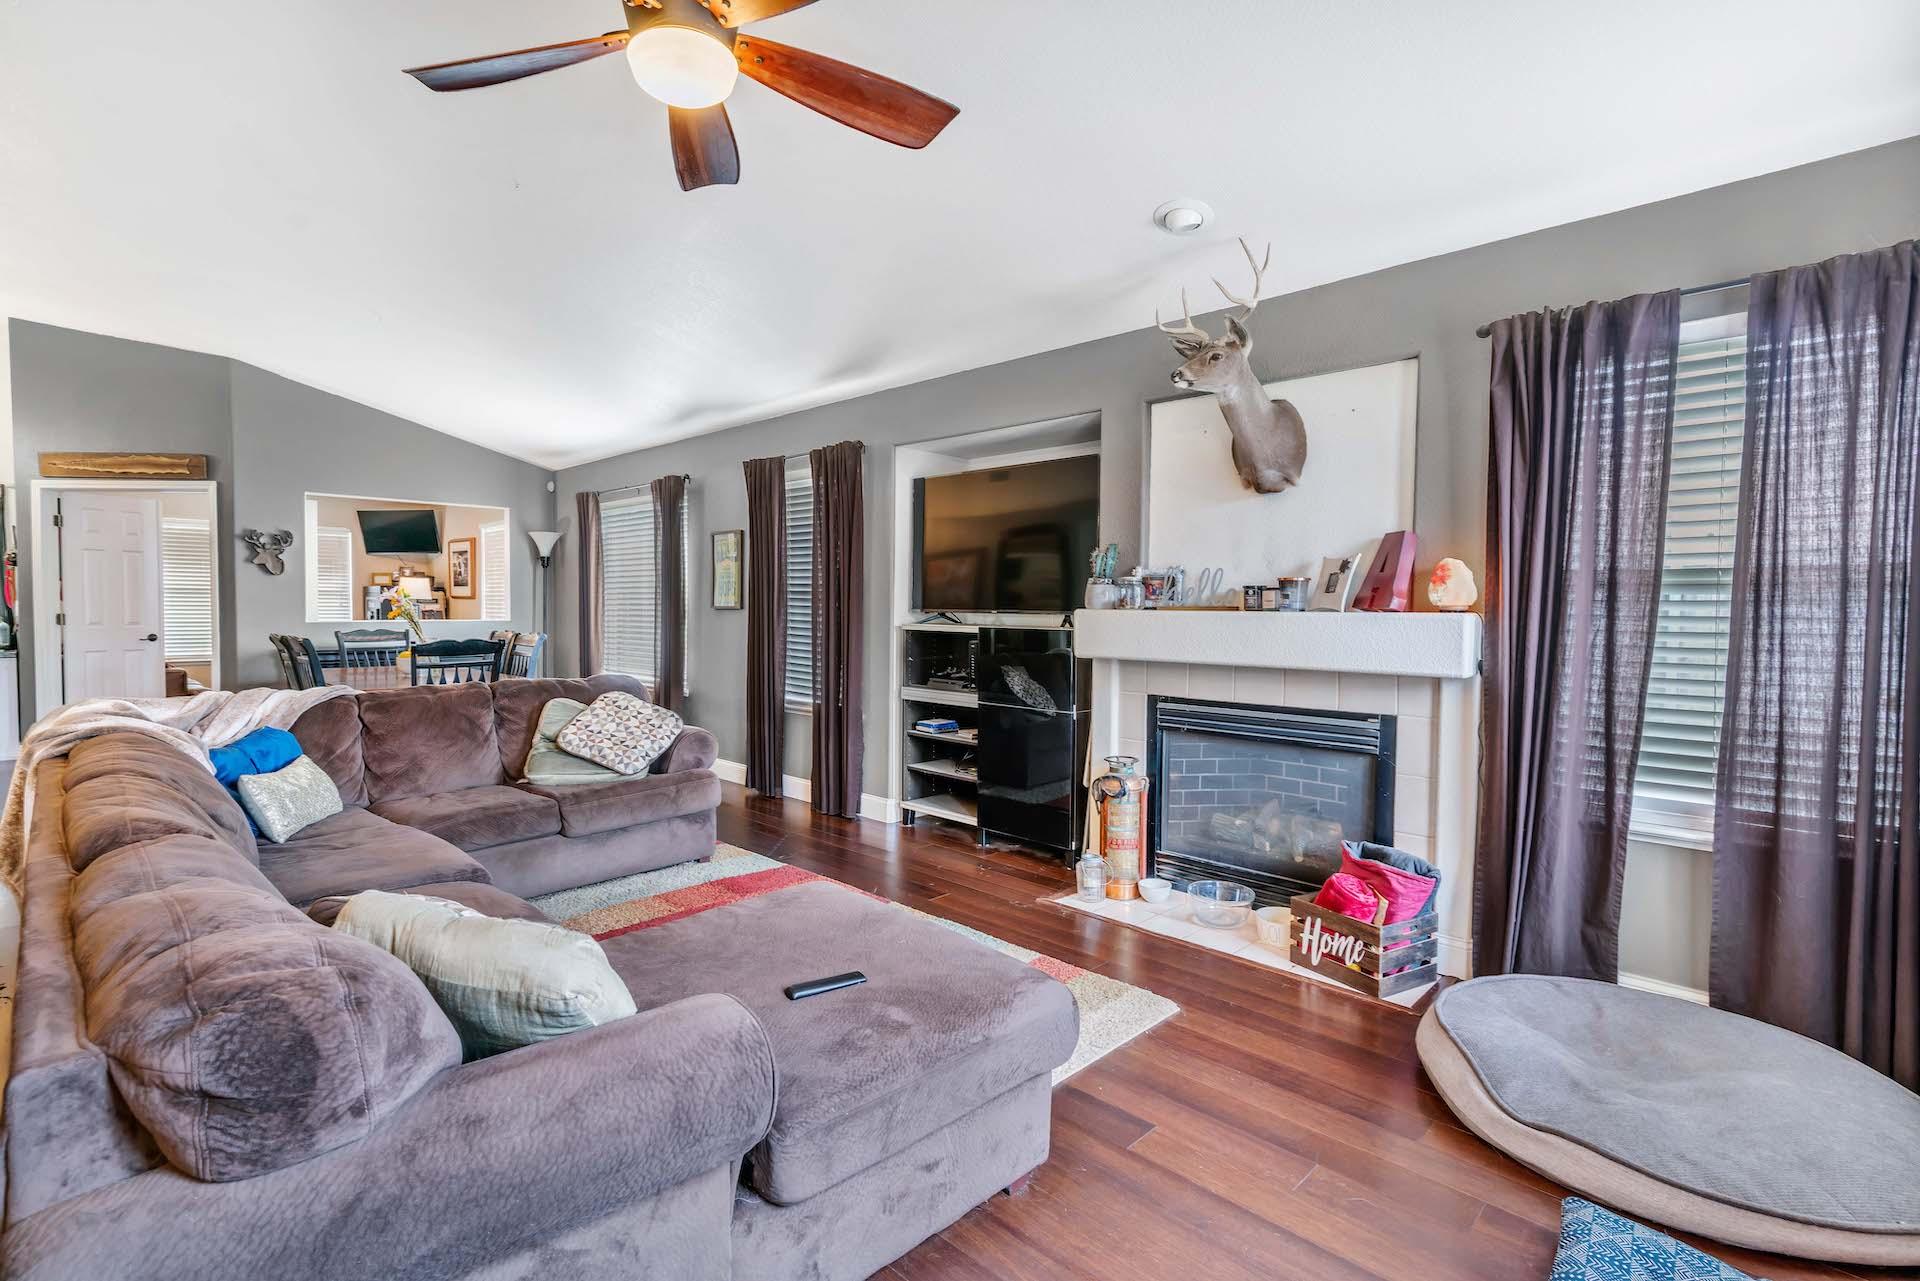 157 Clydesdale Way, Roseville, Ca | Living Room | Roseville Real Estate Agent